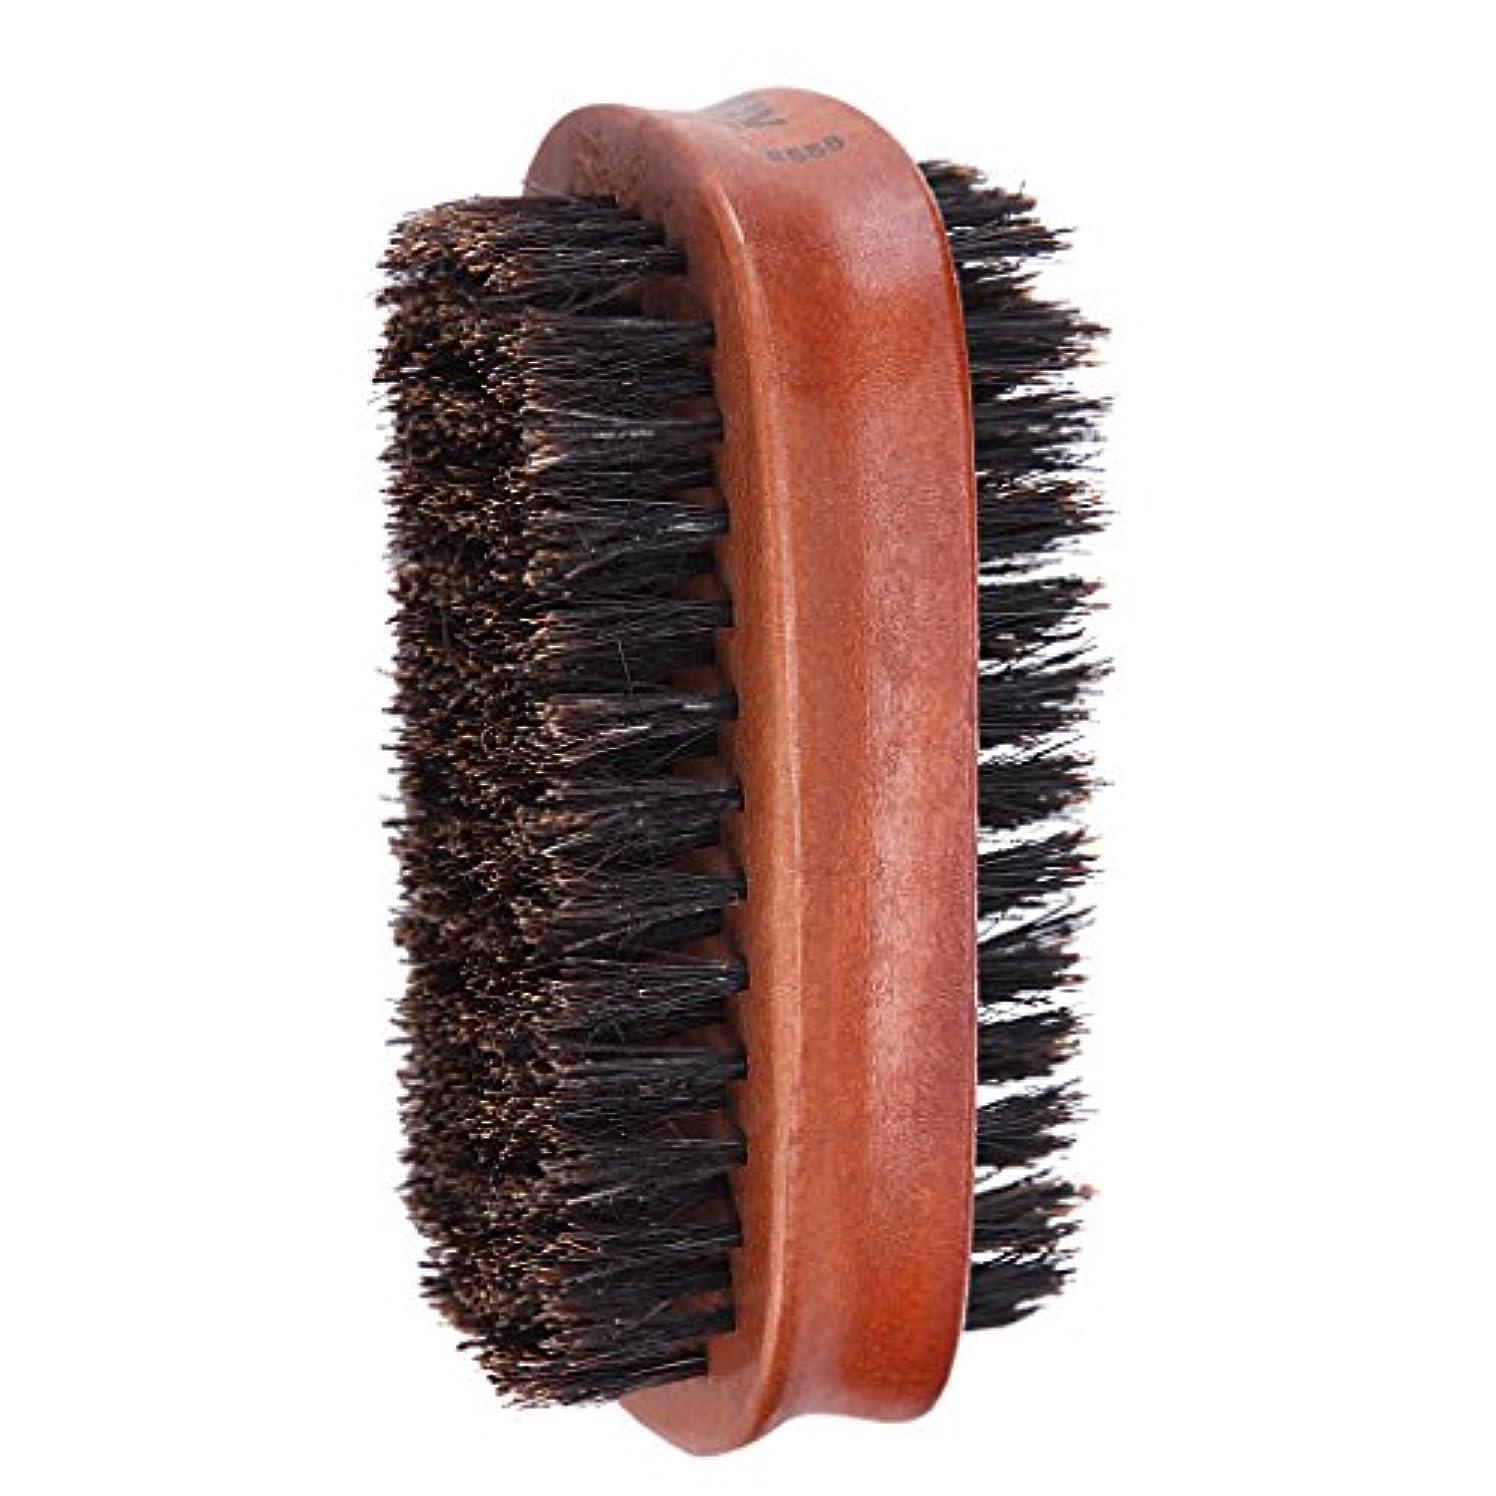 うつディスカウントロータリーToygogo ヘアブラシ 両面ブラシ 男性 髭 口ひげ グルーミングブラシ ブリストルブラシ